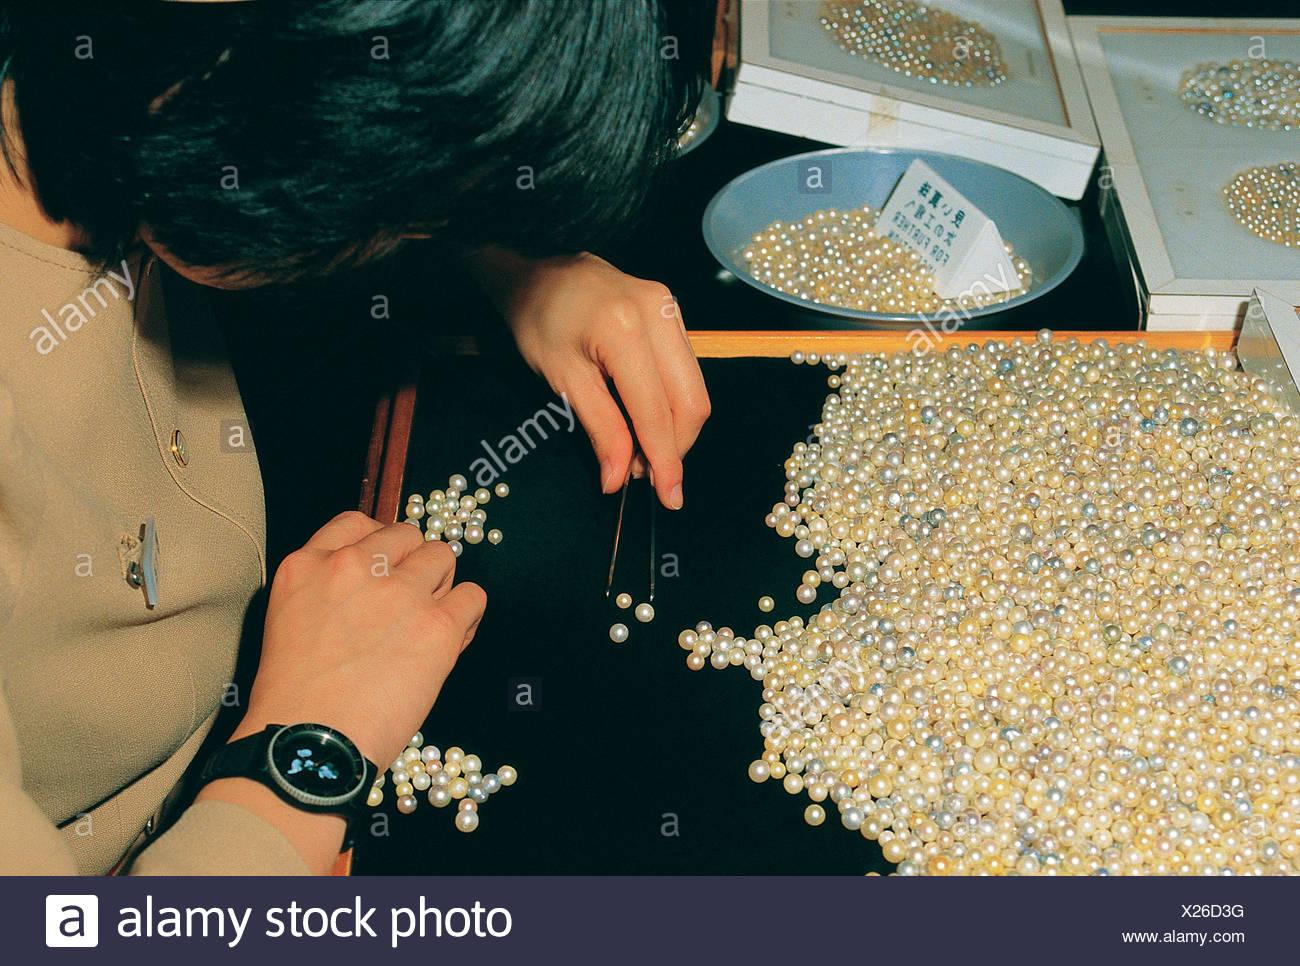 95f9d235cad9 Mikimoto perle de culture de l industrie. Femme perles de tri. Horizon  International Images Limited   Alamy ...